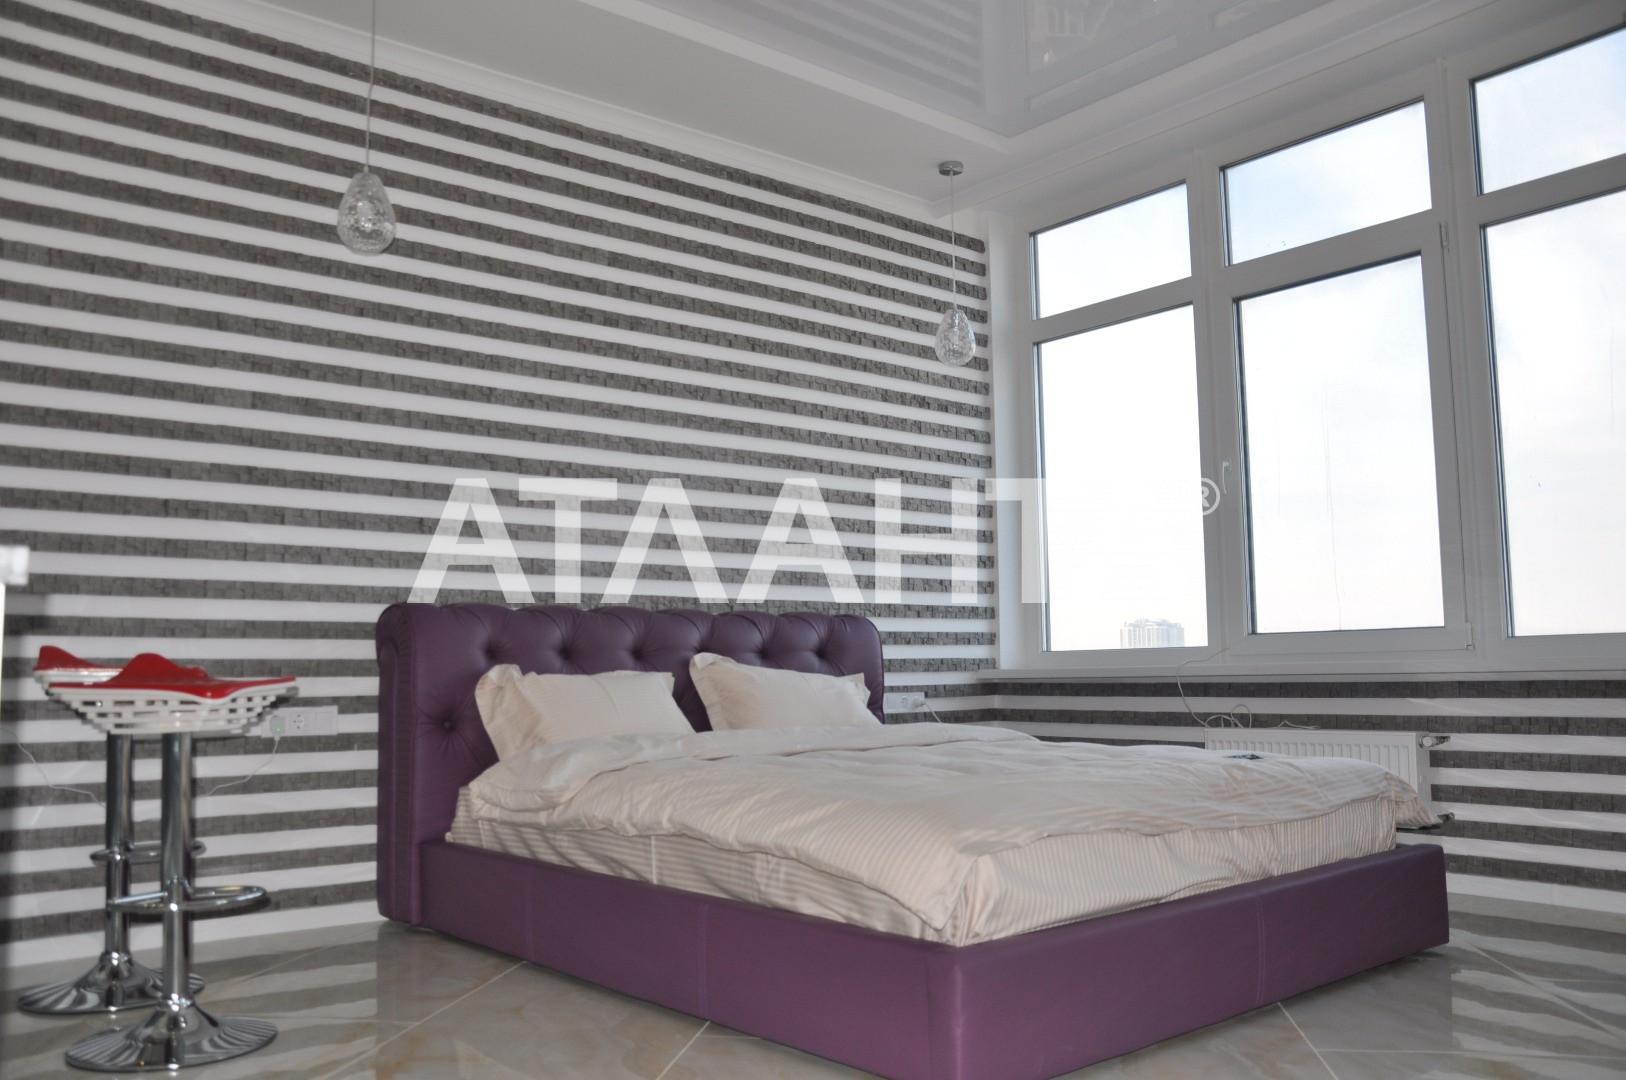 Продается 1-комнатная Квартира на ул. Каманина — 76 000 у.е. (фото №6)